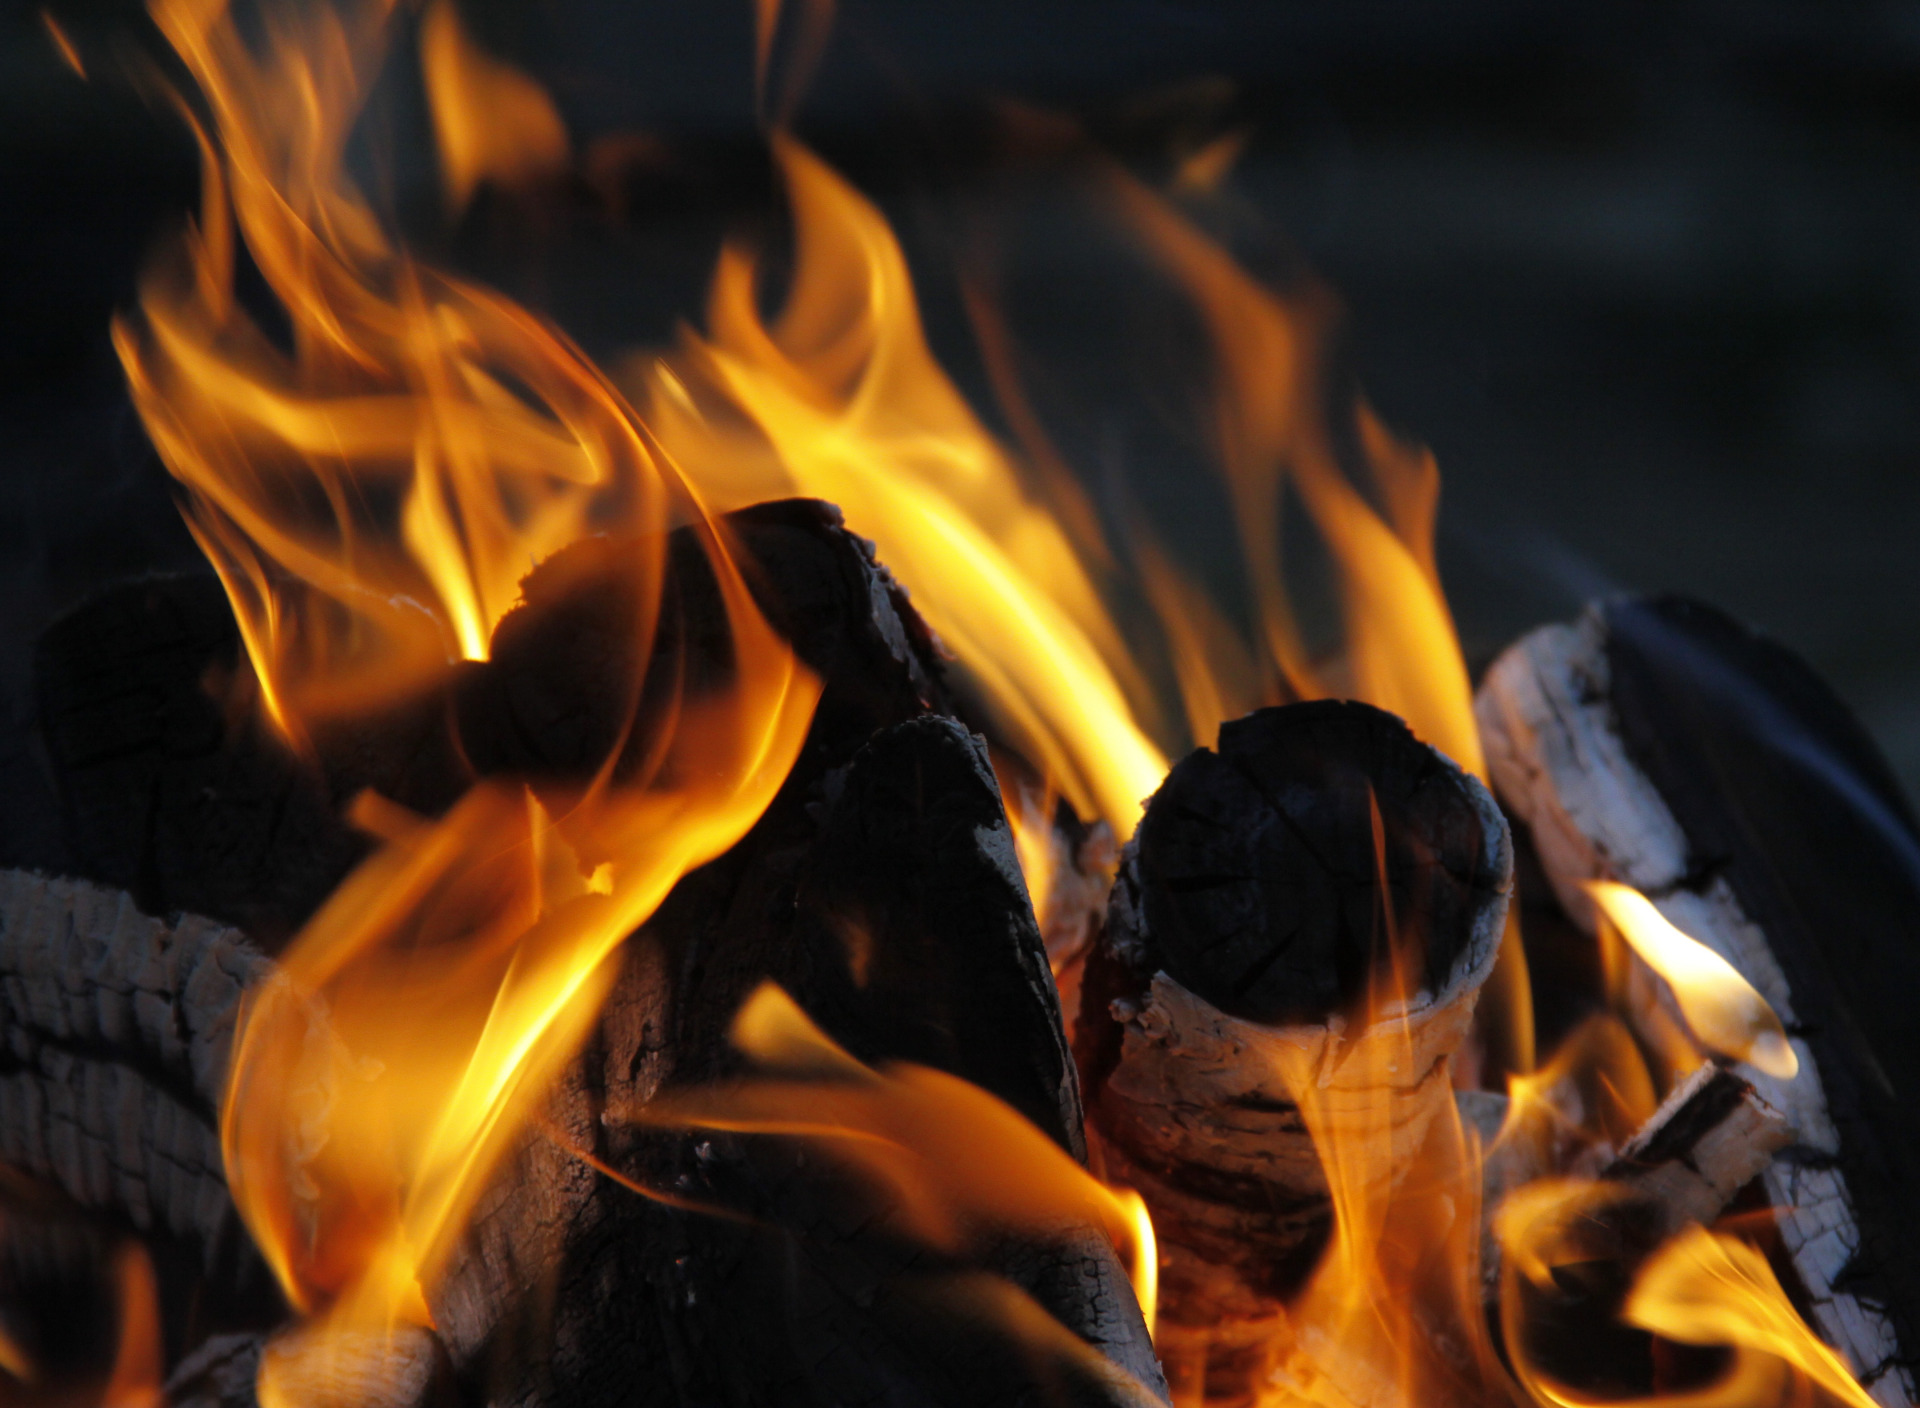 предохранитель картинка огня в высоком качестве признания позже